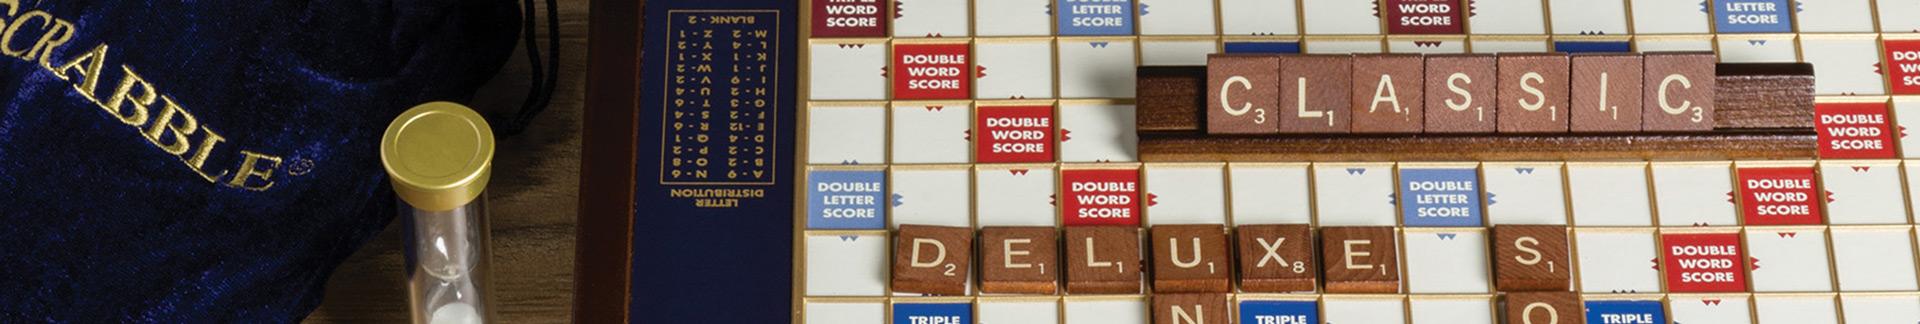 Deluxe Wood Games